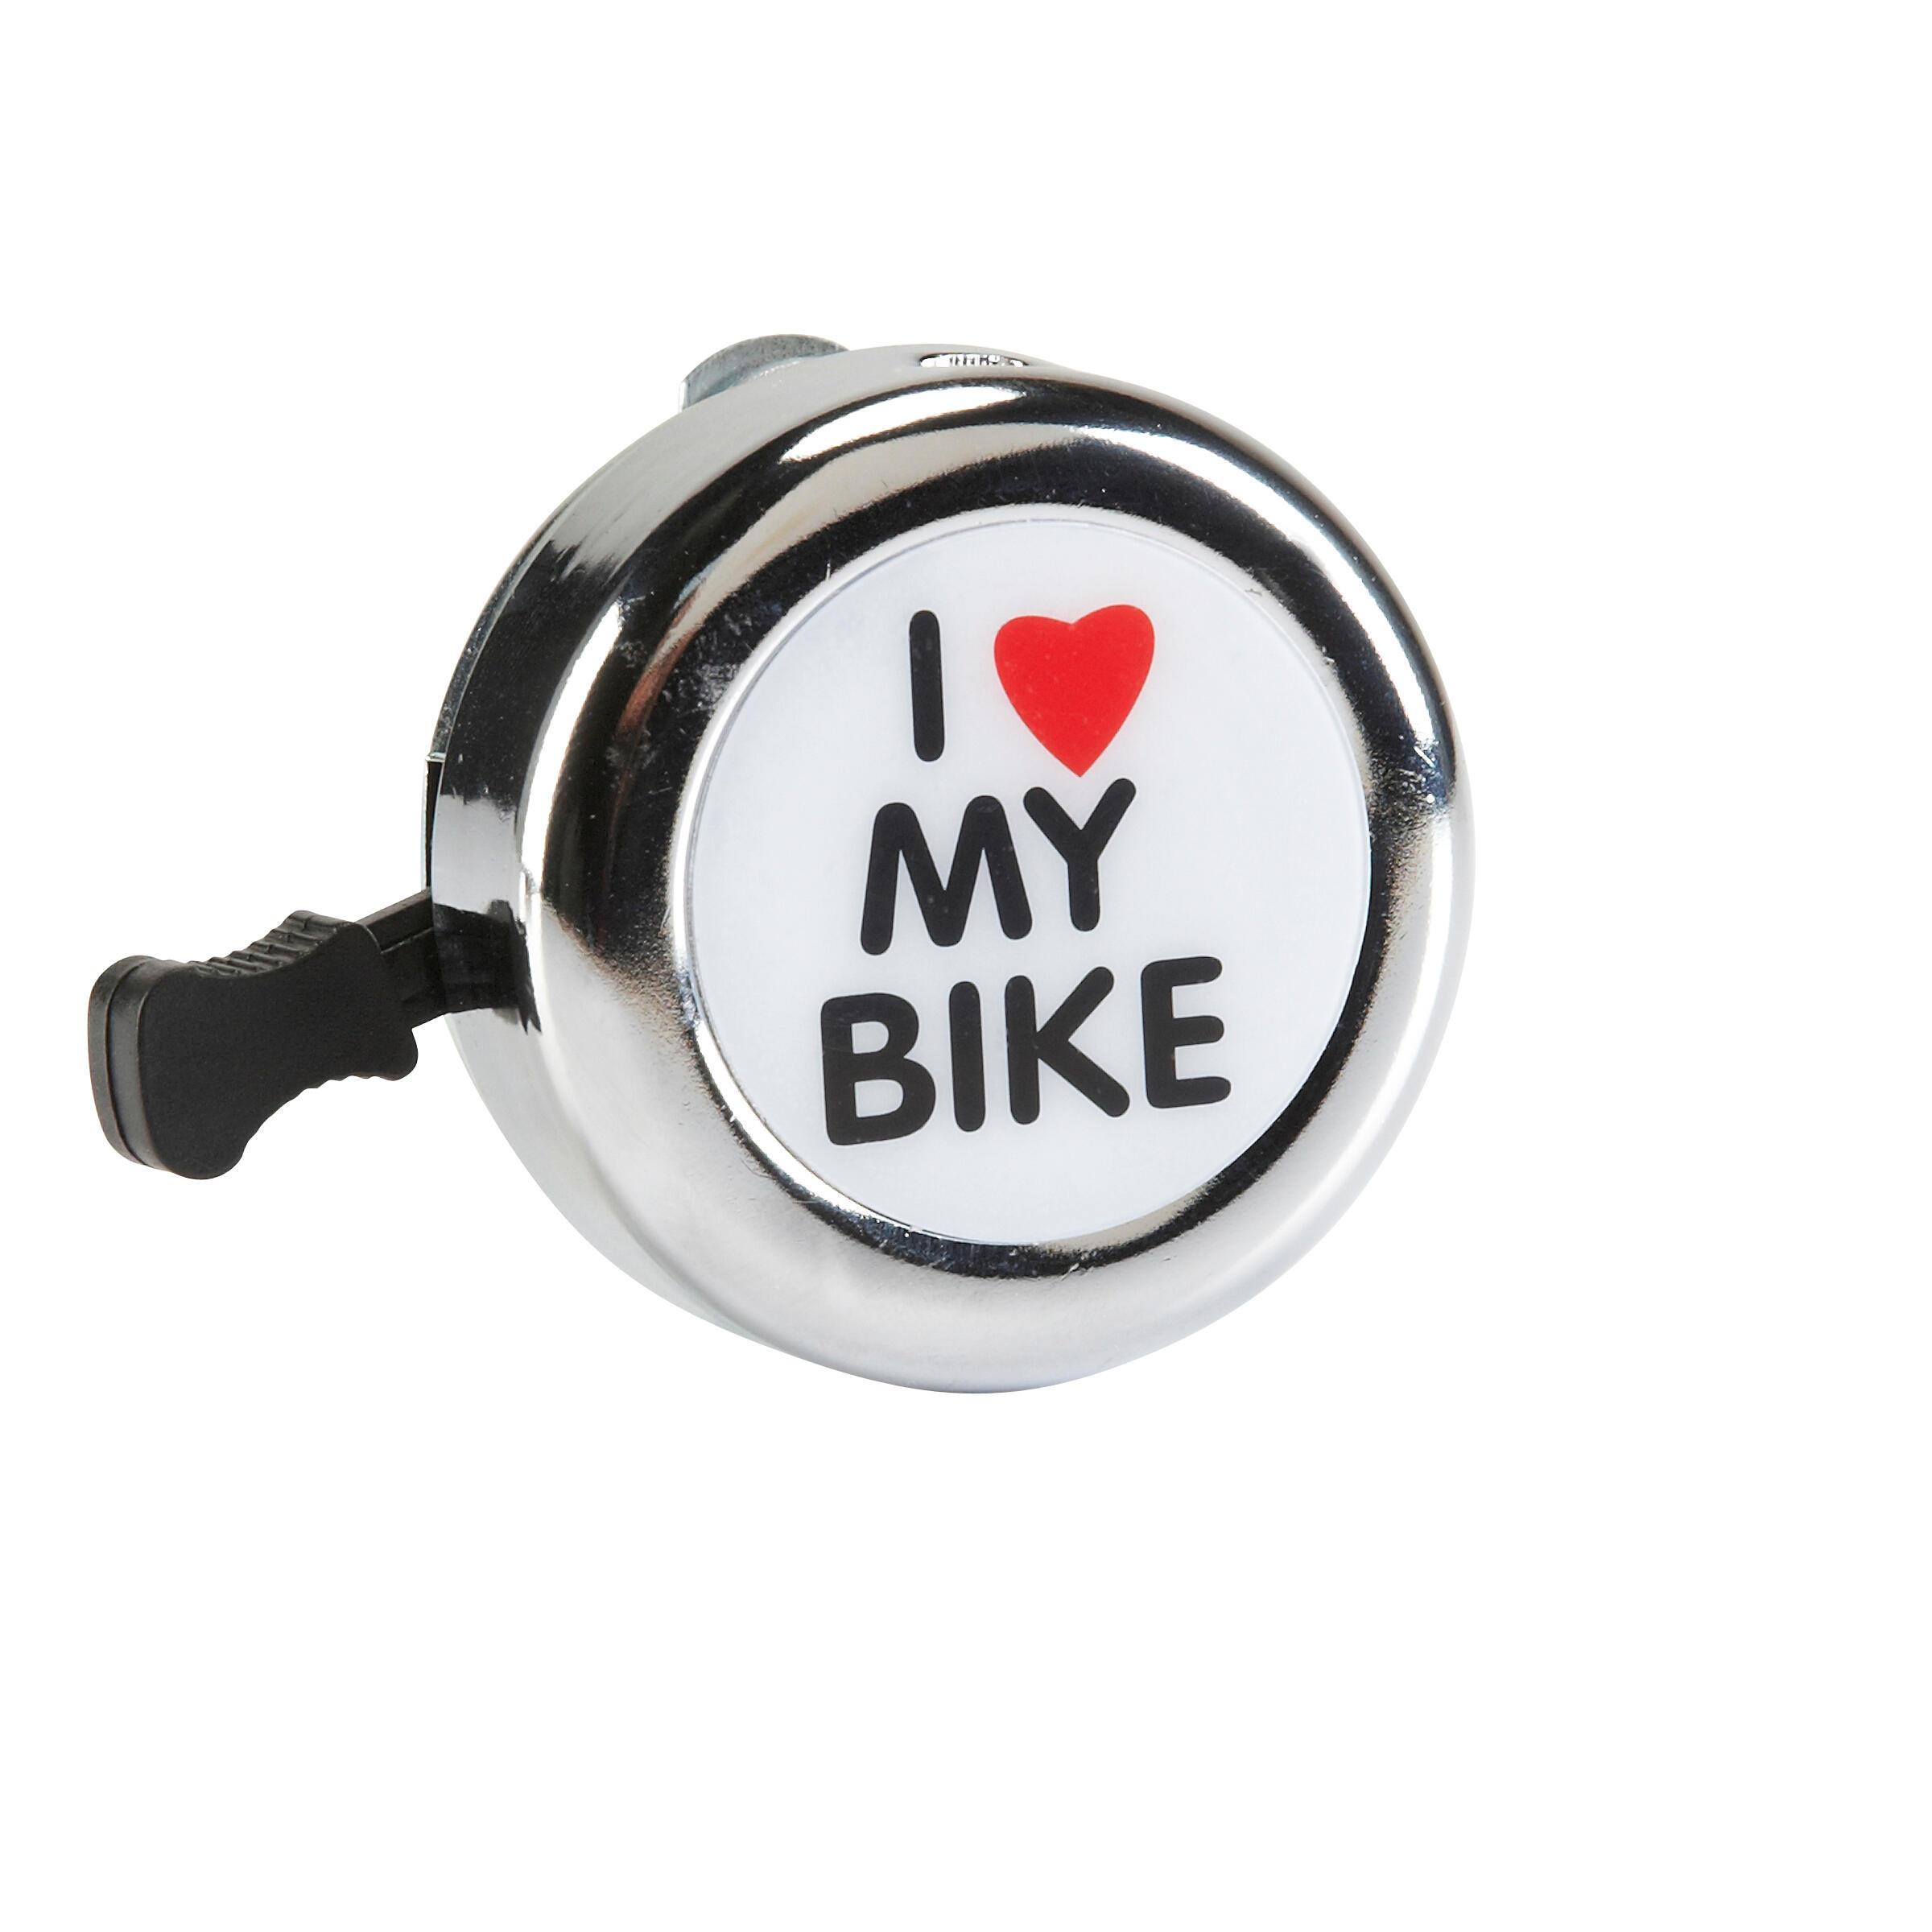 500 Love My Bike...